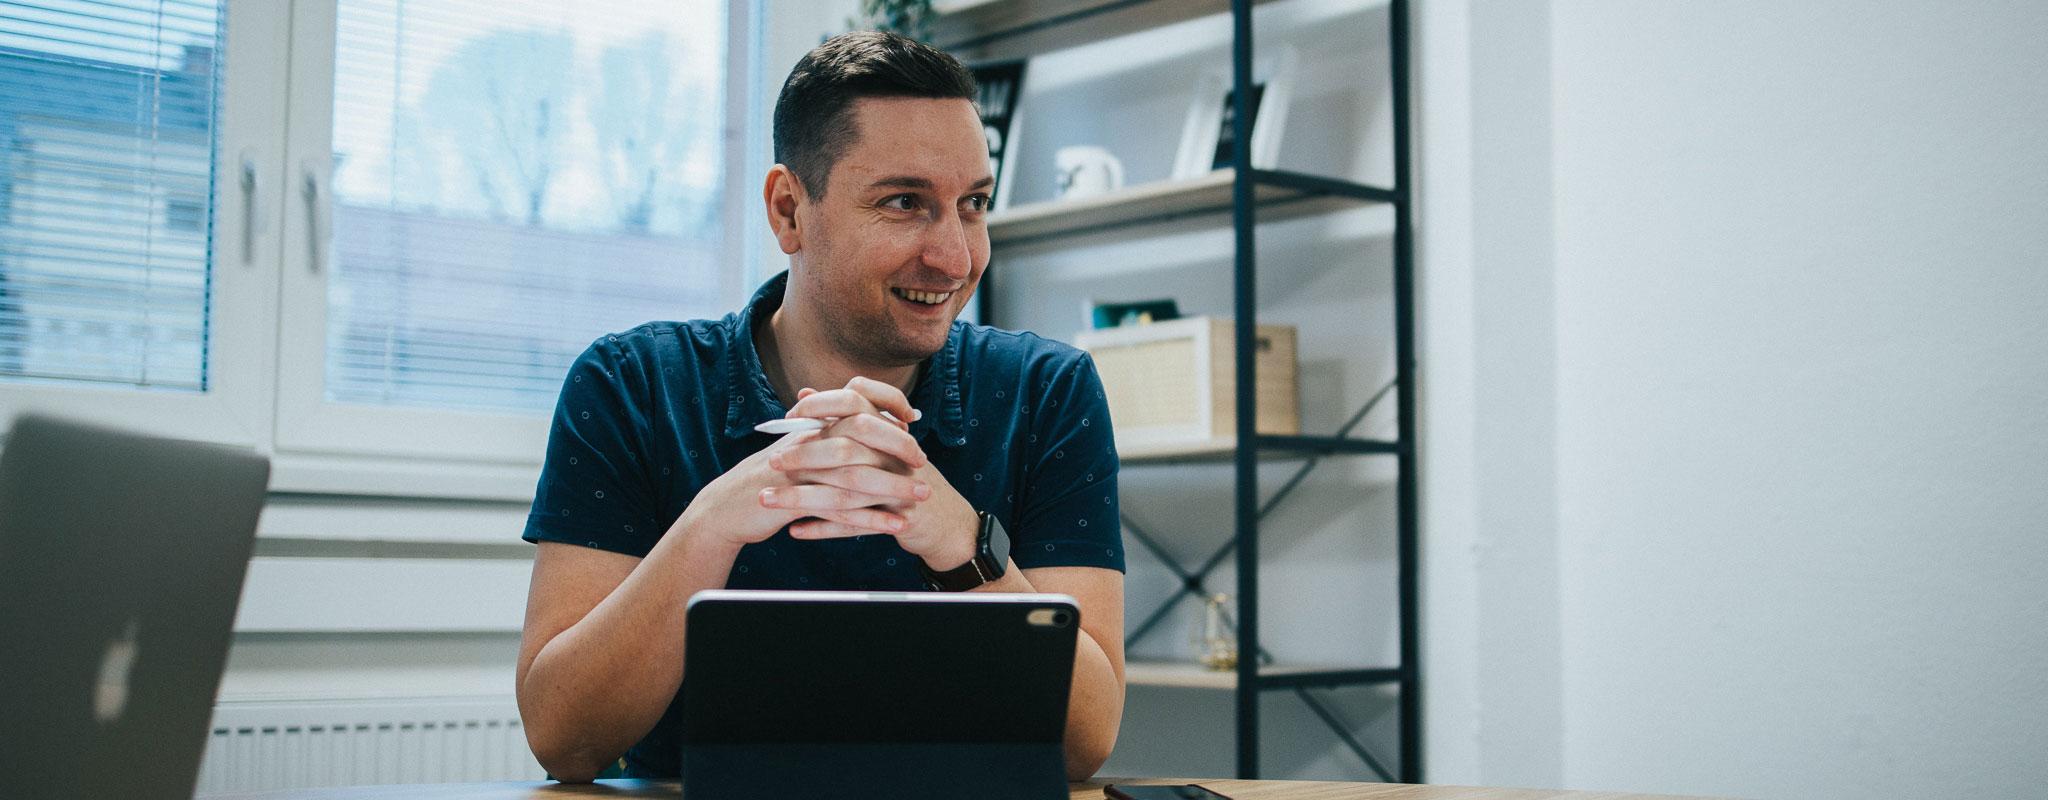 Od detstva a školy cez prvý startup až po GoodRequest - Tomáš Lodňan v podcaste JERGY talks